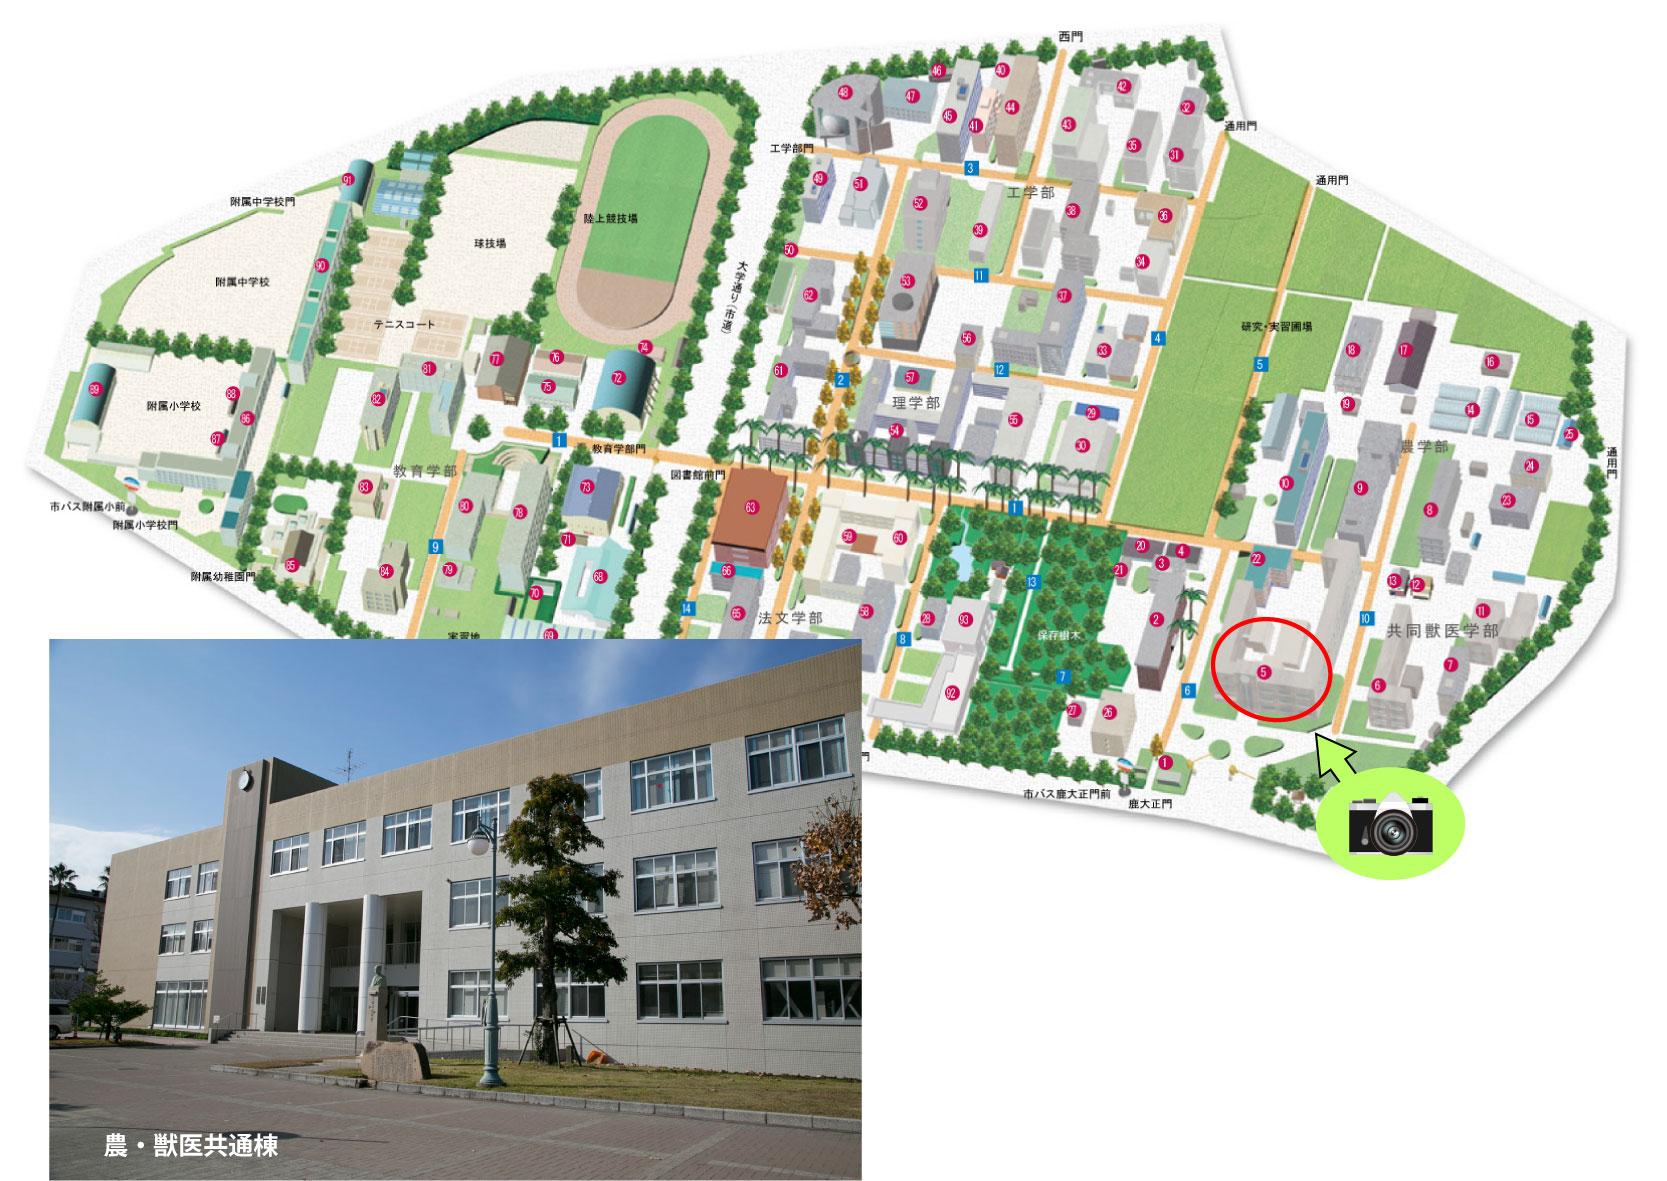 イベント情報|国立大学法人 鹿児島大学~進取の気風にあふれる総合大学~ 進取の気風にあふれる総合